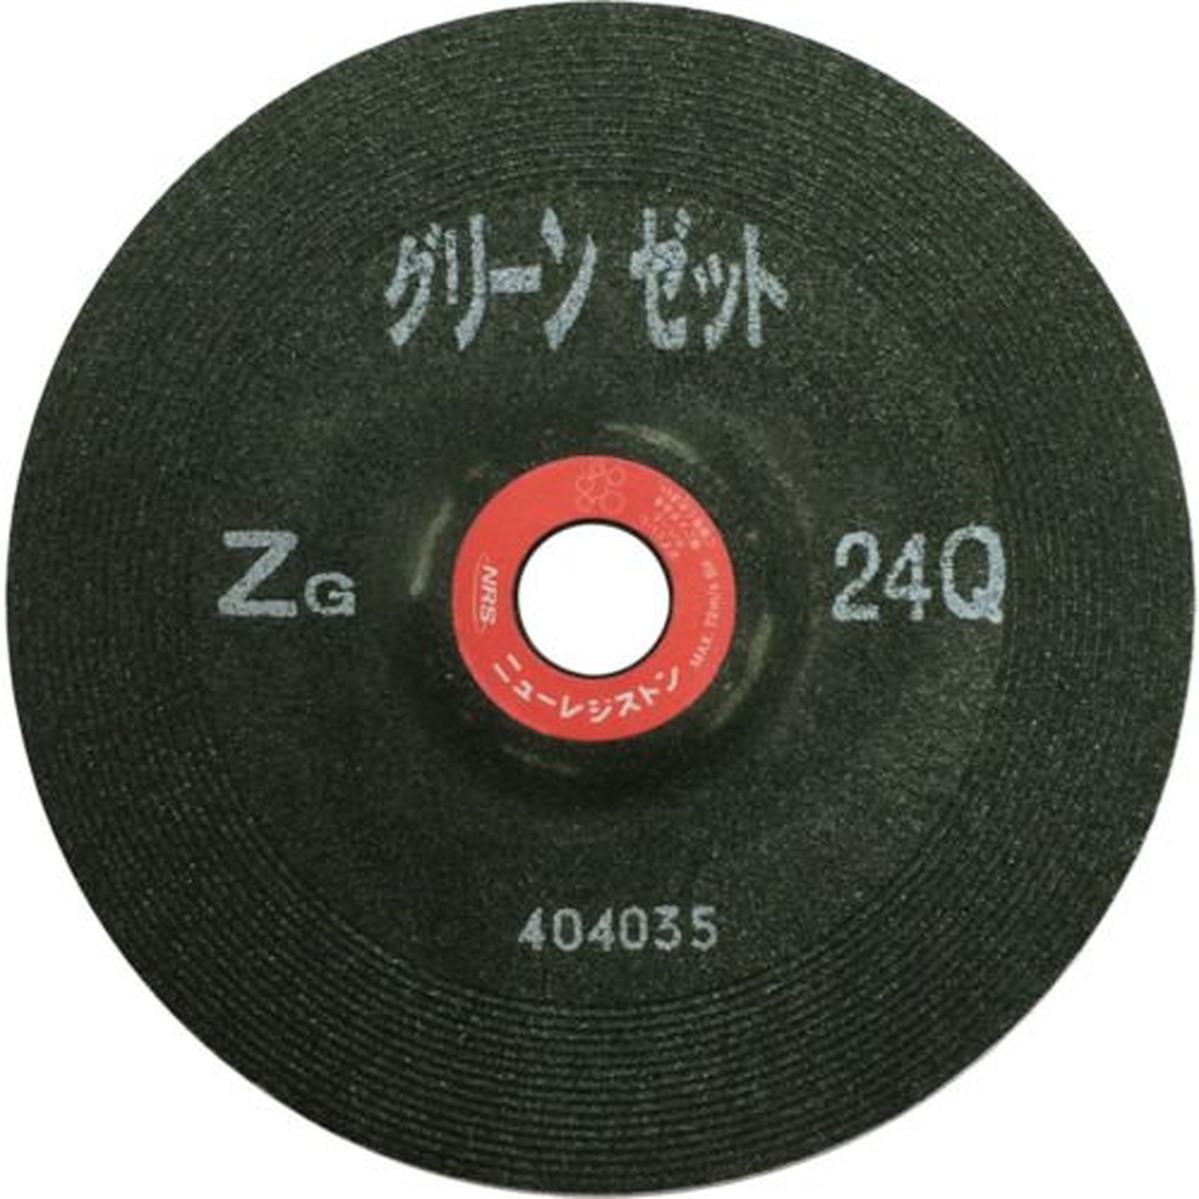 【驚きの値段で】 NRS 重研削用砥石 グリーンゼット ZG36Q 180×6×22 NRS グリーンゼット ZG36Q 25枚, eBaby-Select:de404bc3 --- independentescortsdelhi.in